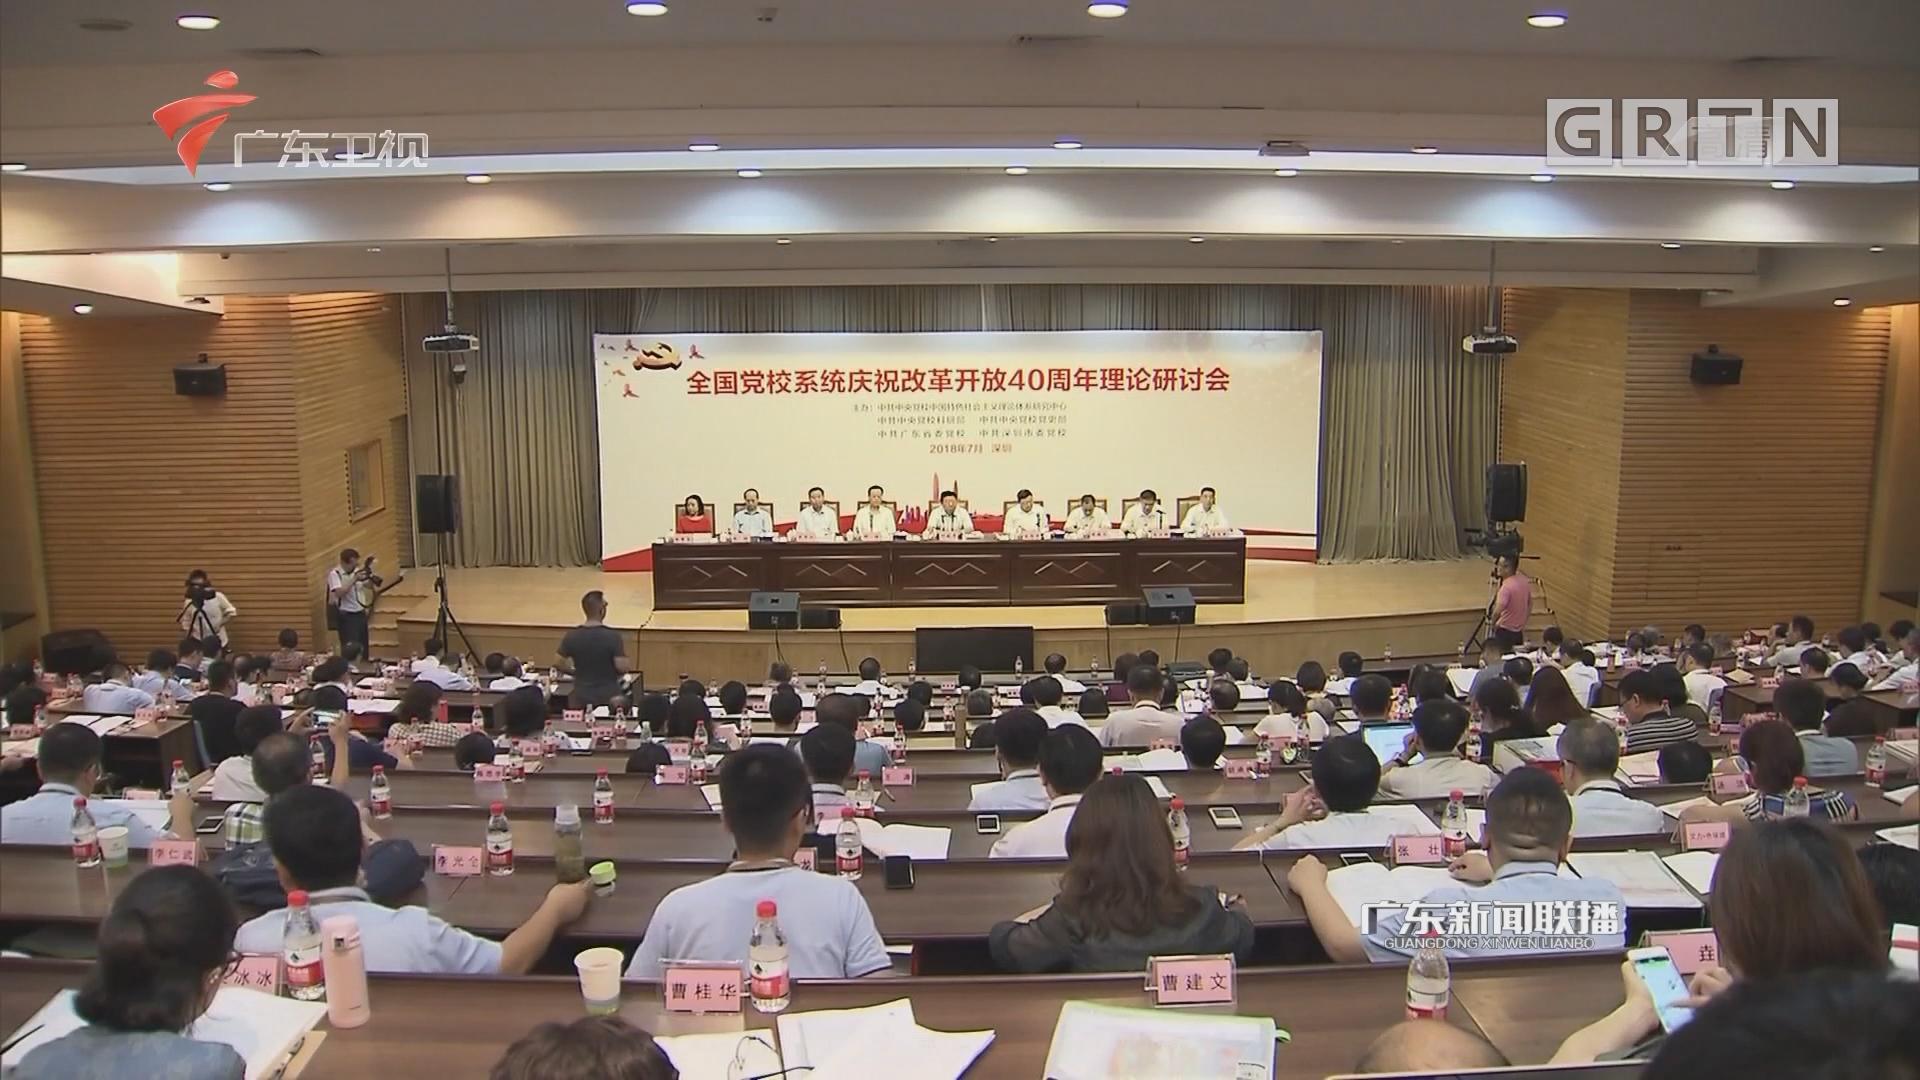 全国党校系统庆祝改革开放40周年理论研讨会在深圳开幕